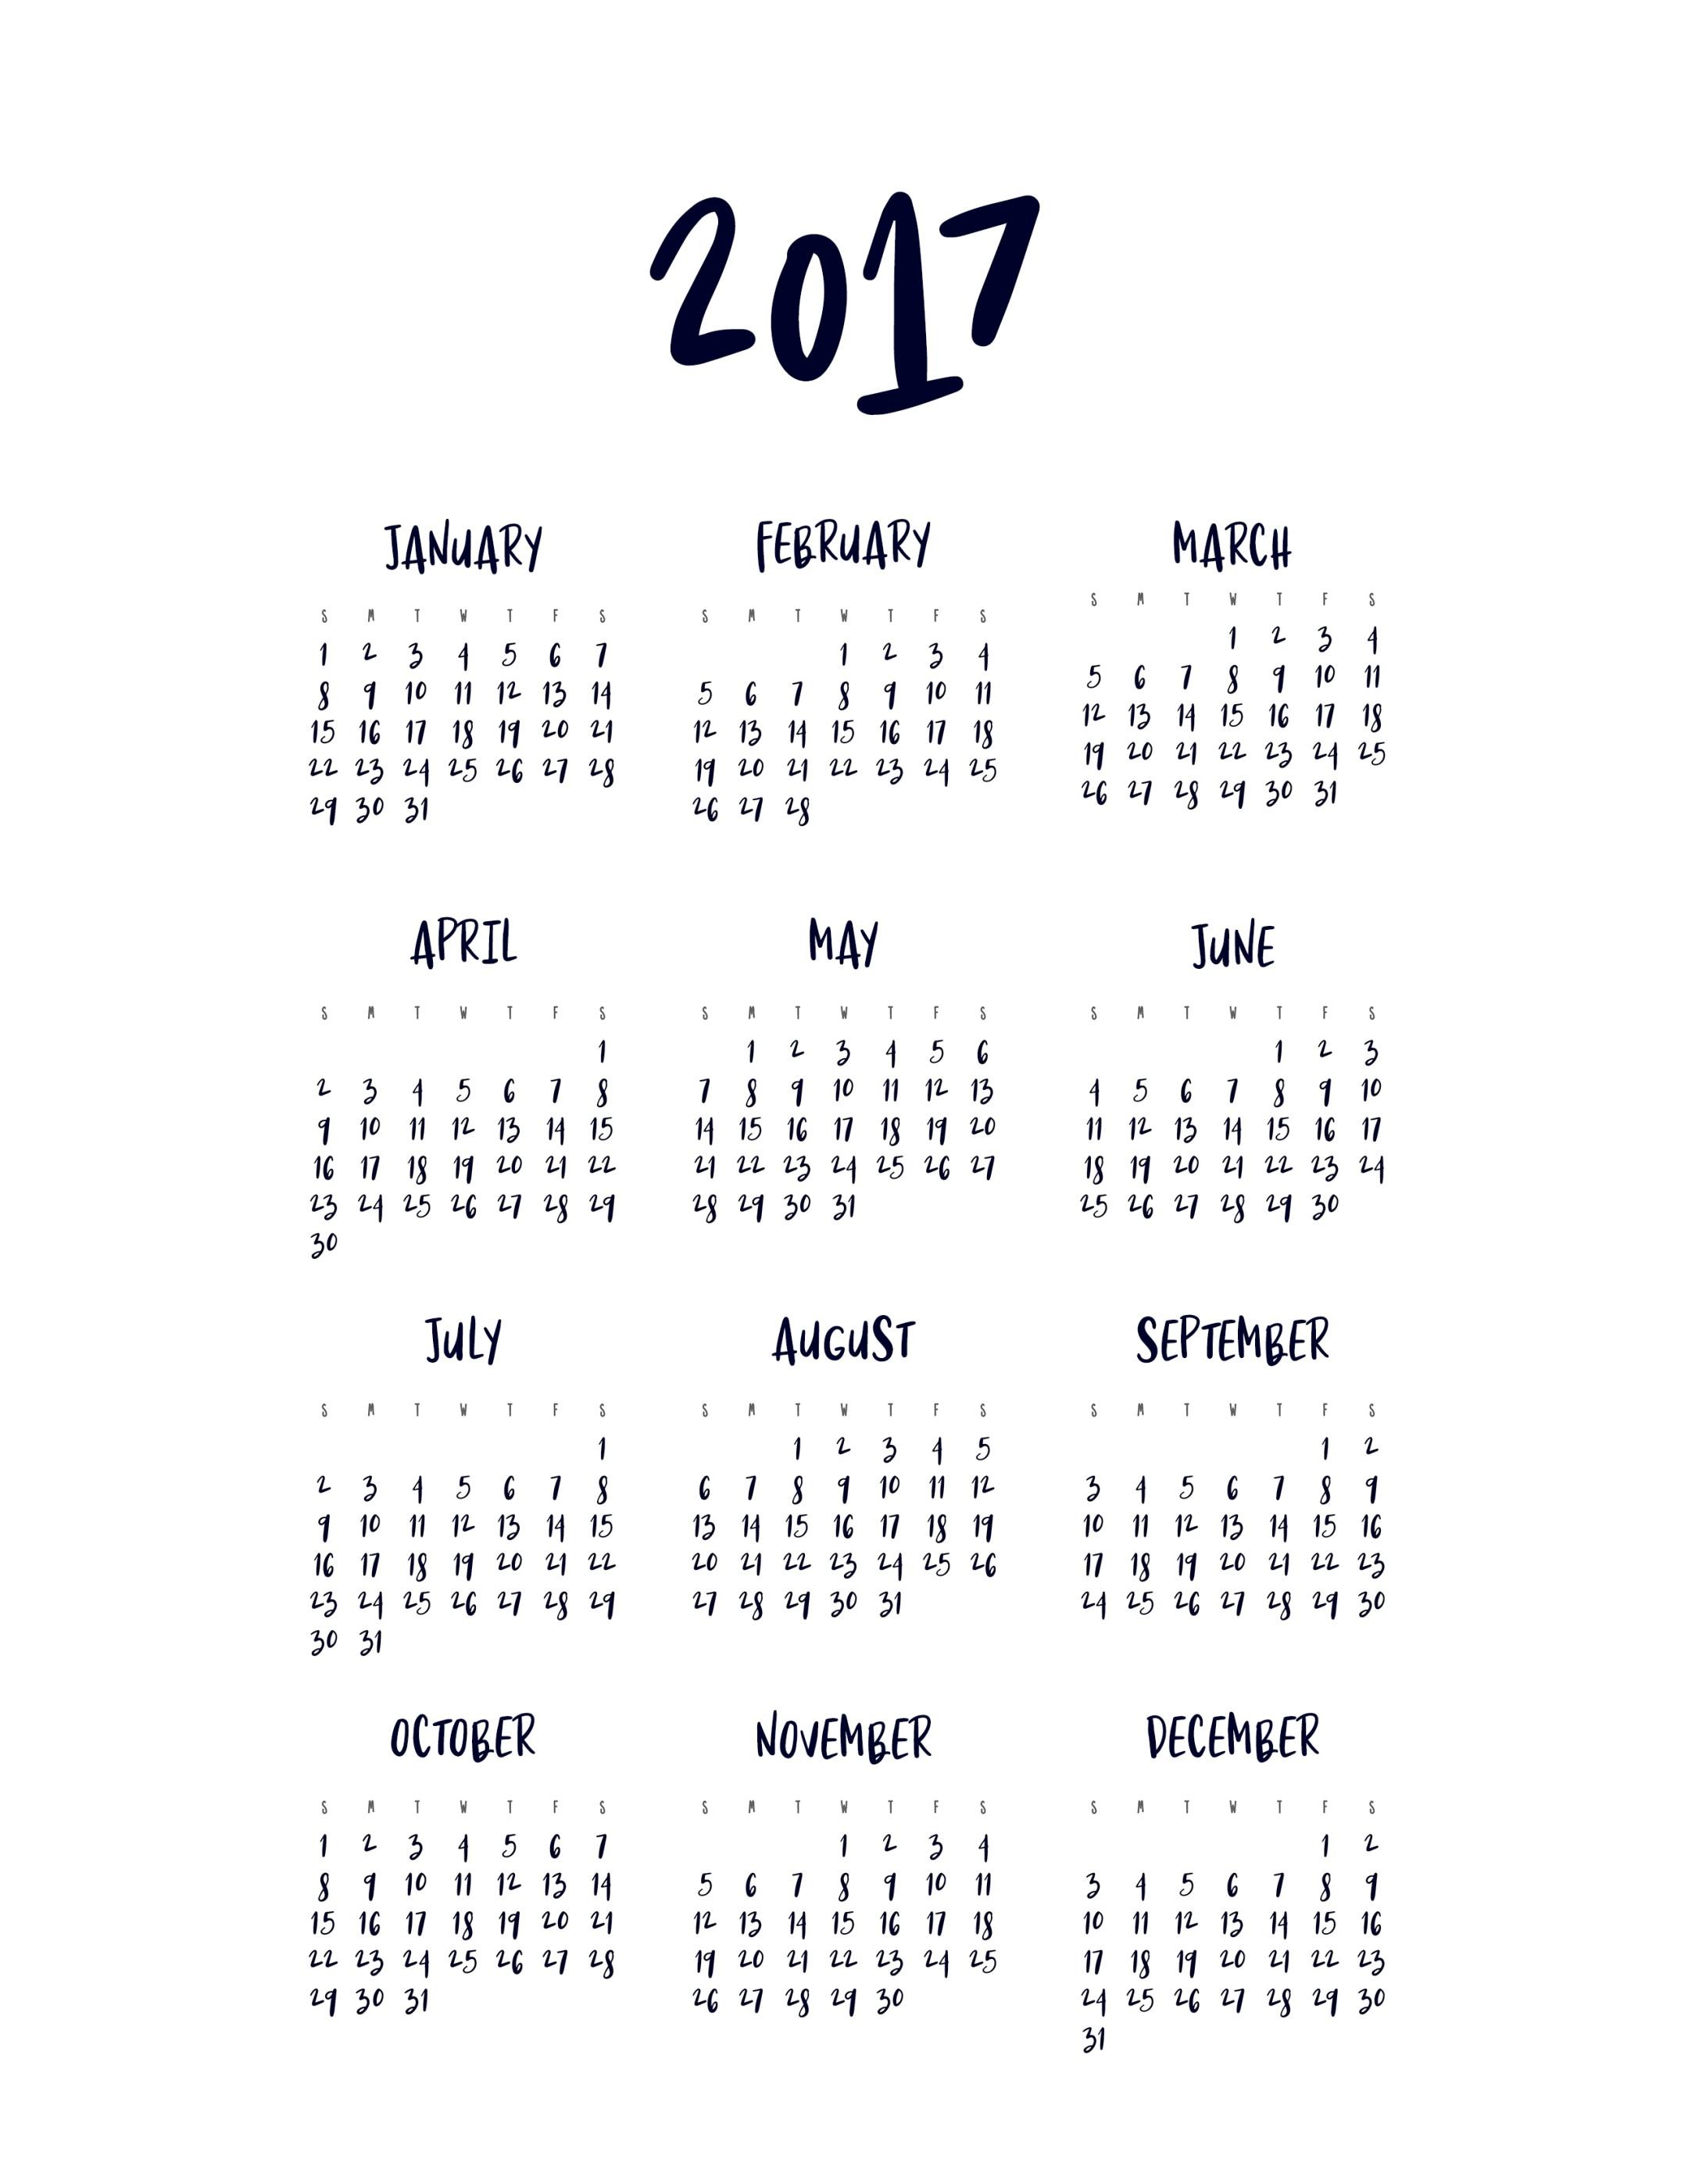 Calendario 2019 Up Más Populares 2017 Calendar Coba Coba Of Calendario 2019 Up Actual Cute December Month Calendar 2018 T